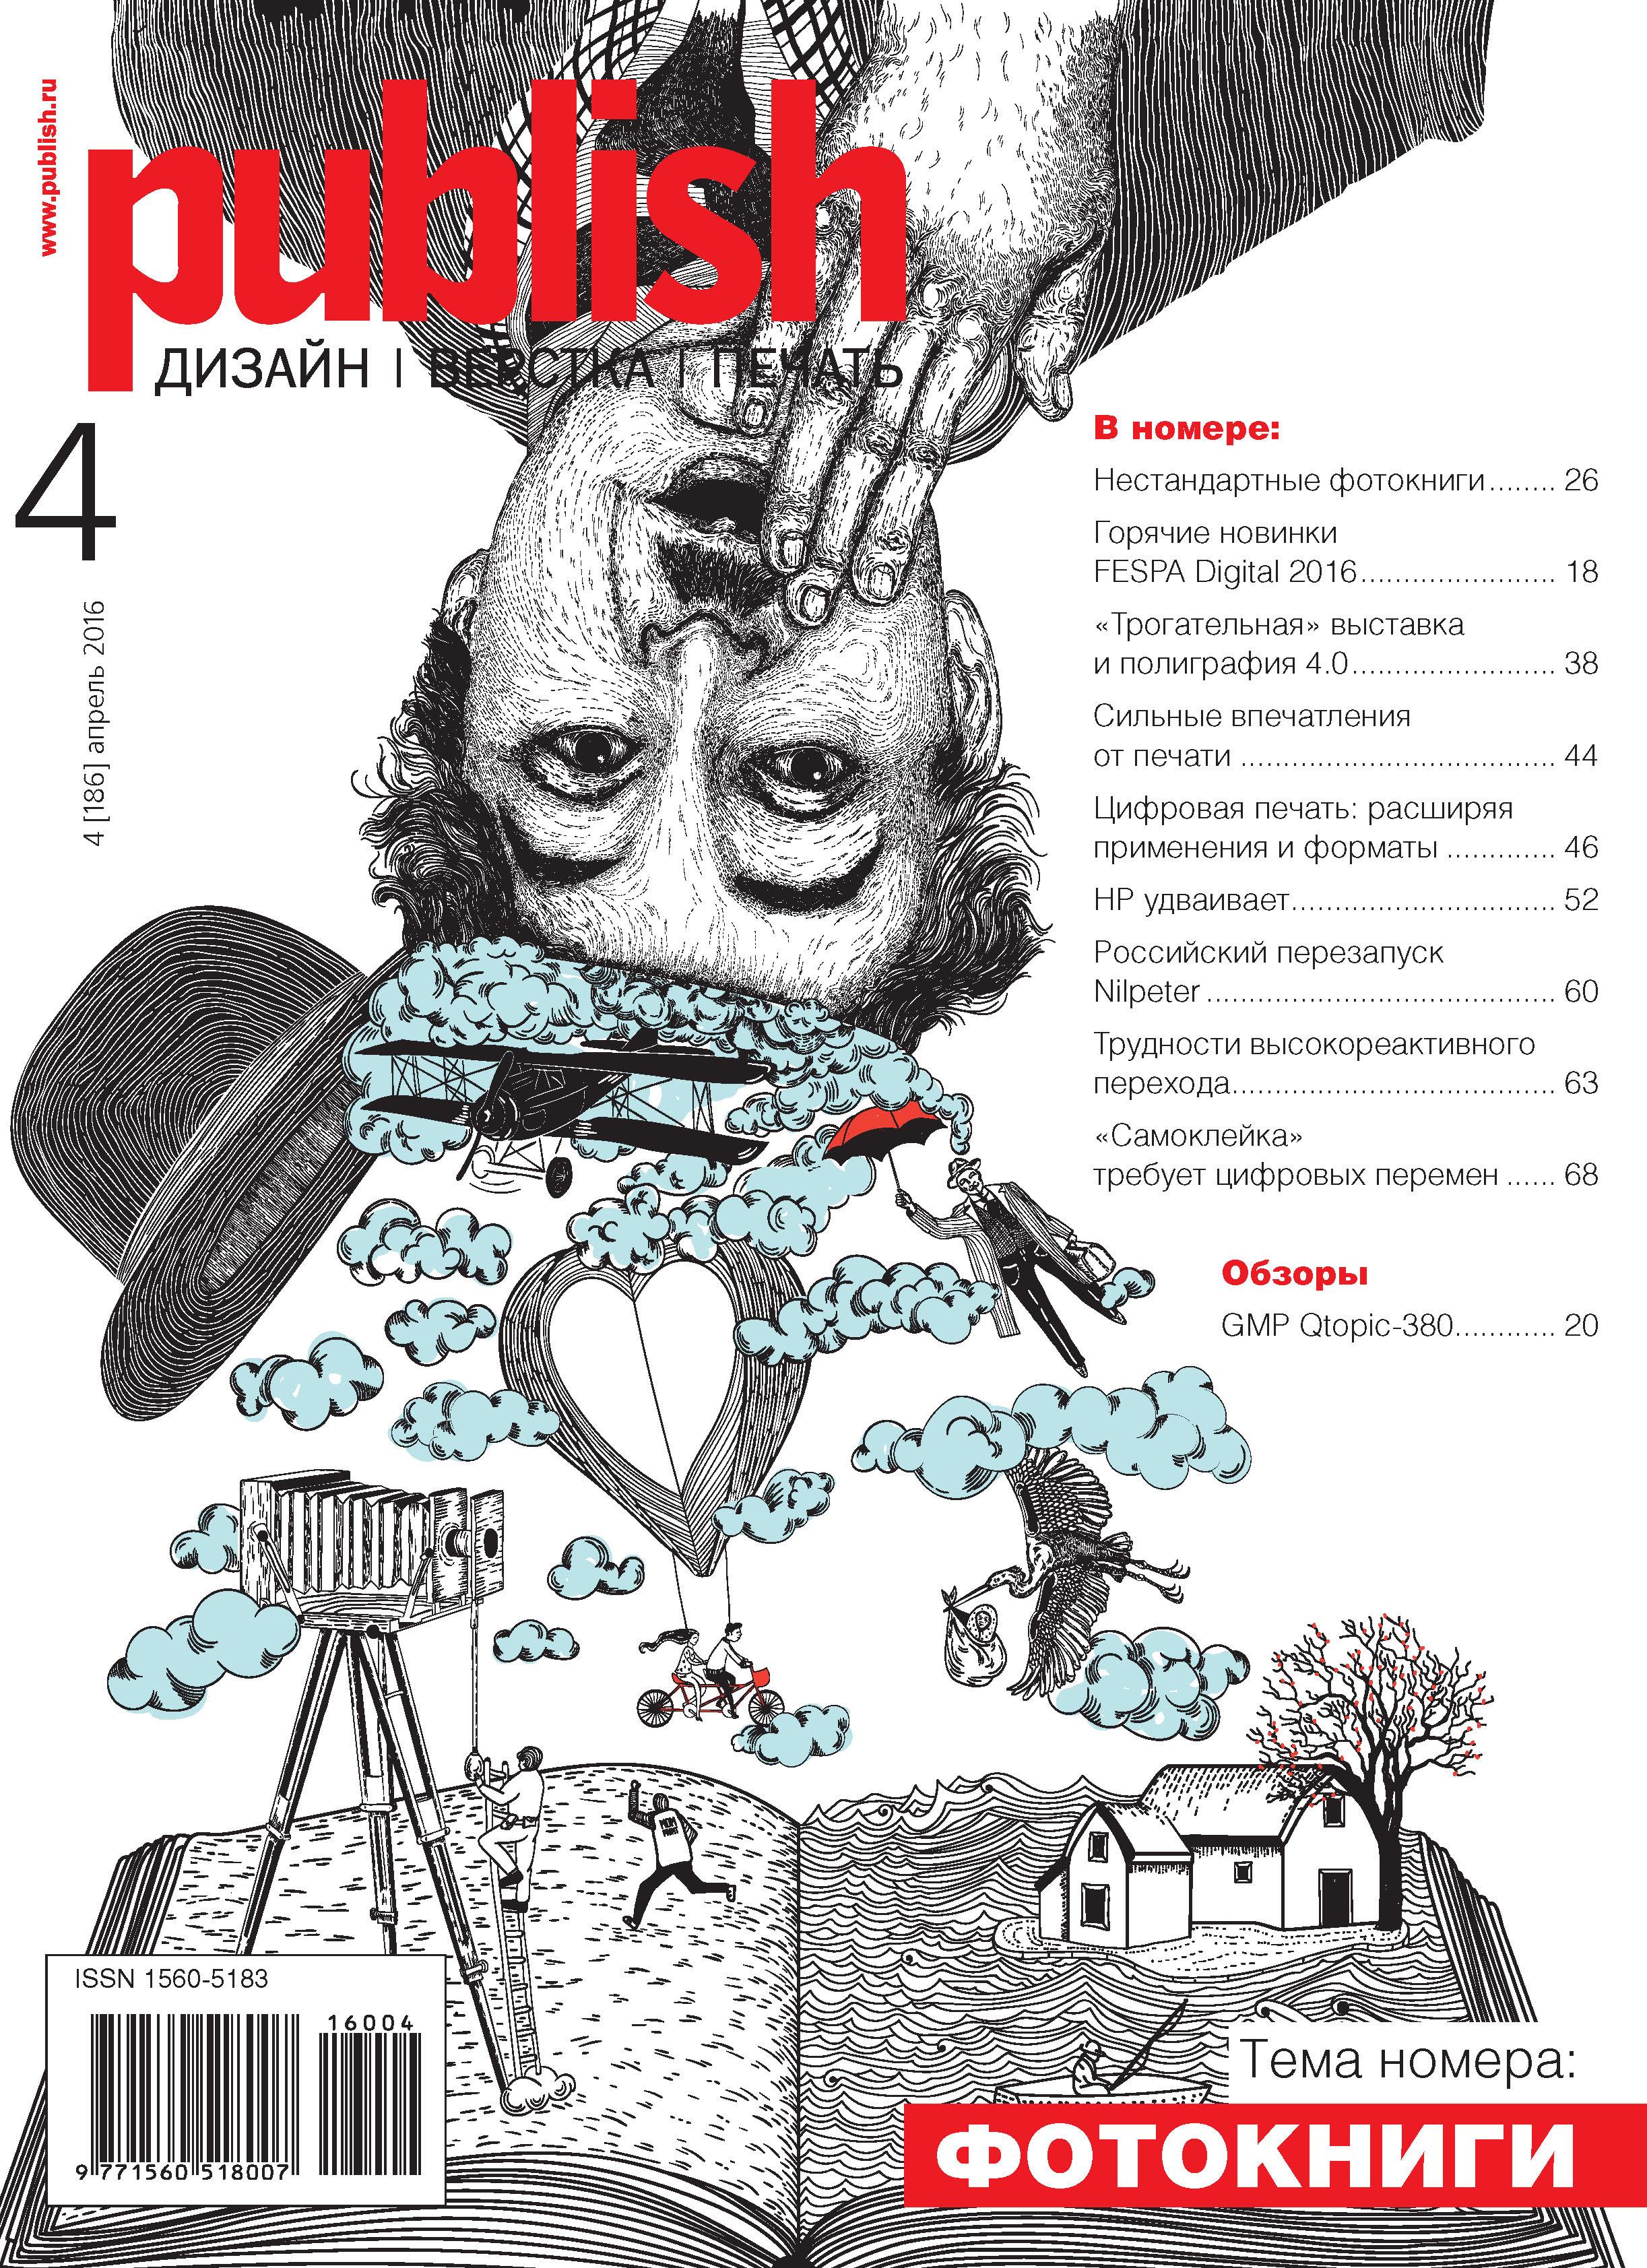 Открытые системы Журнал Publish №04/2016 открытые системы журнал publish 09 2018